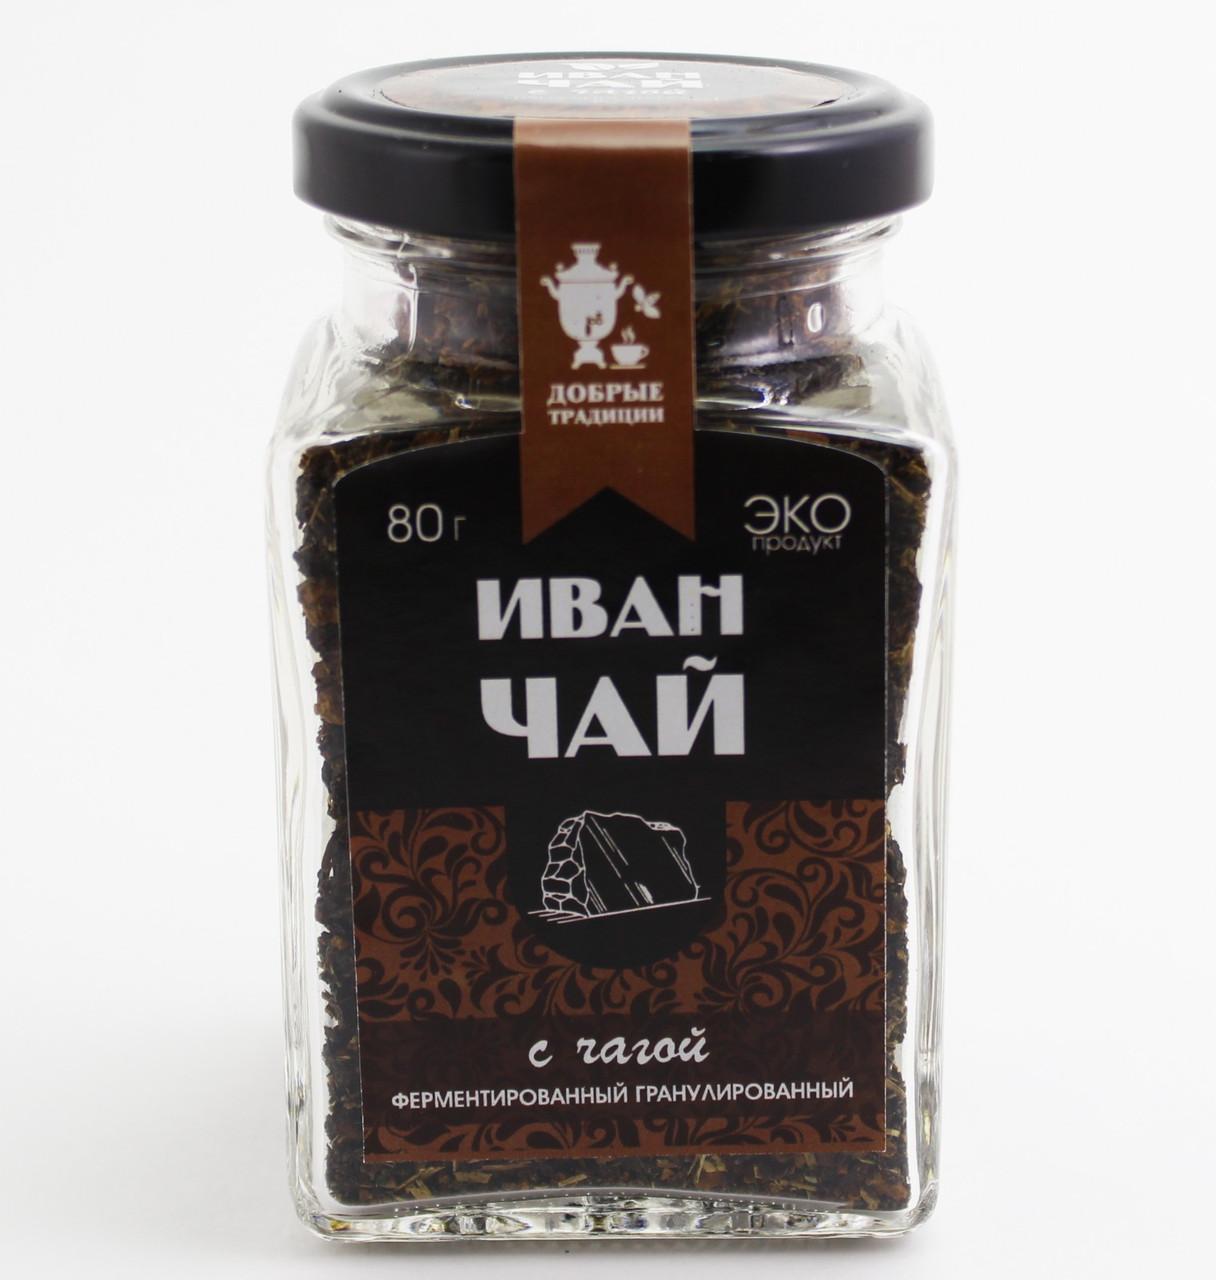 Иван-чай гран.с чагой,банка, 80 г